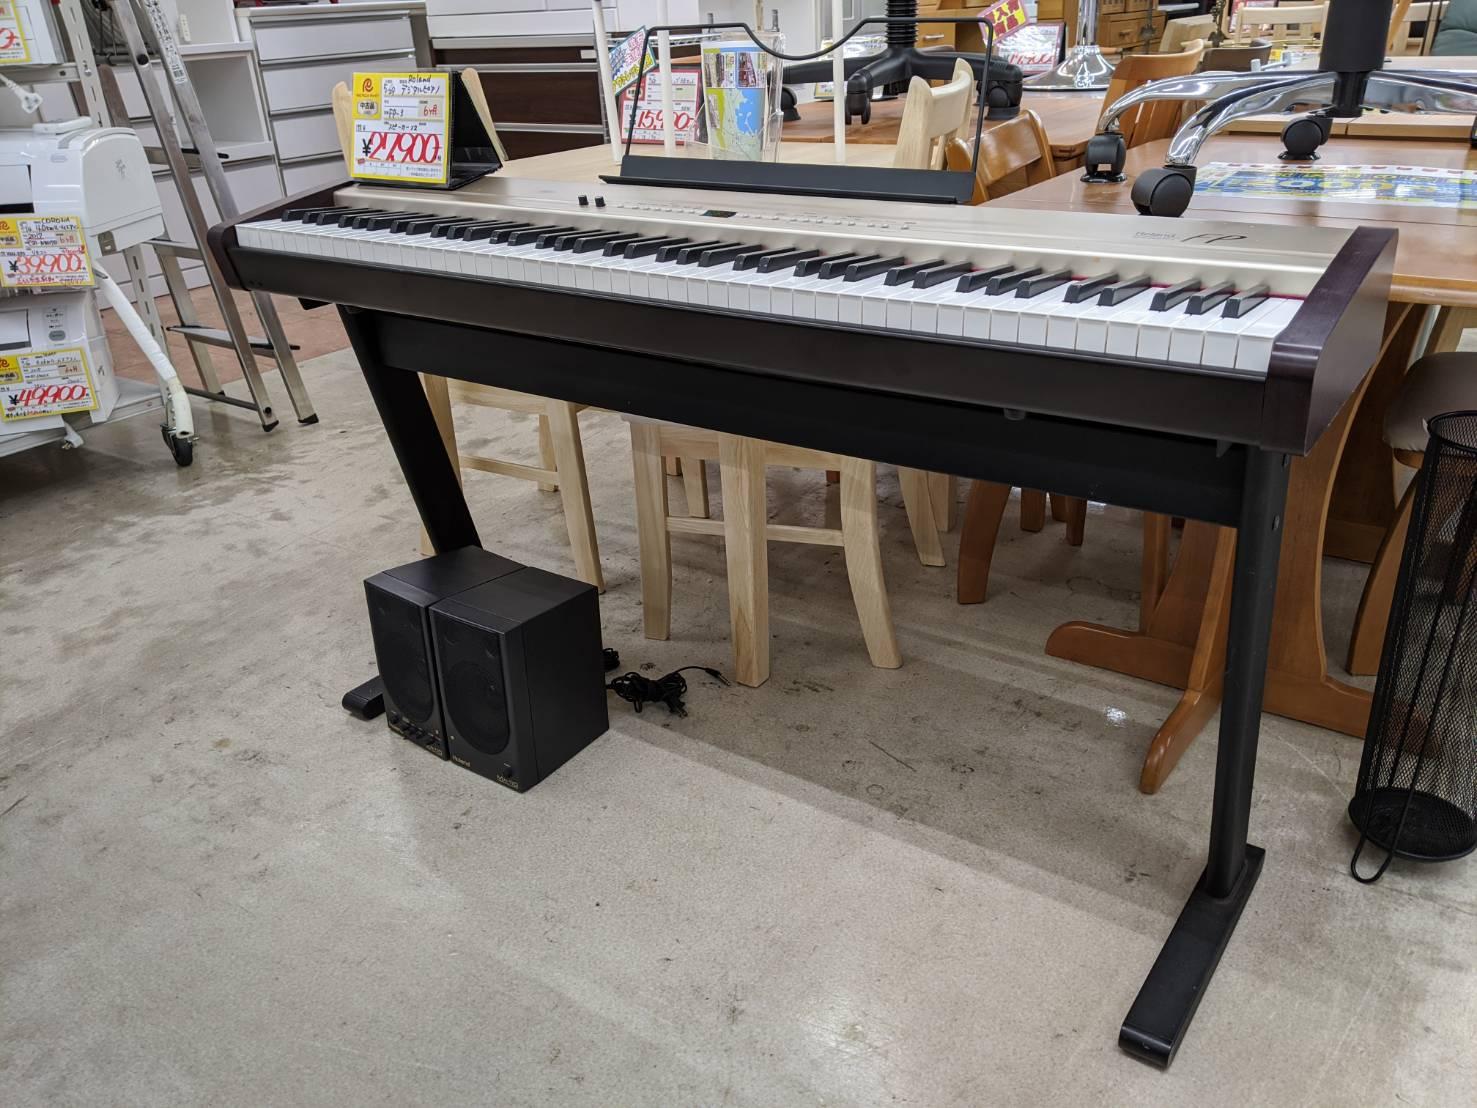 【Roland ローランド 電子ピアノ FP-3 スピーカー 2点付】を買取させて頂きました!の買取-